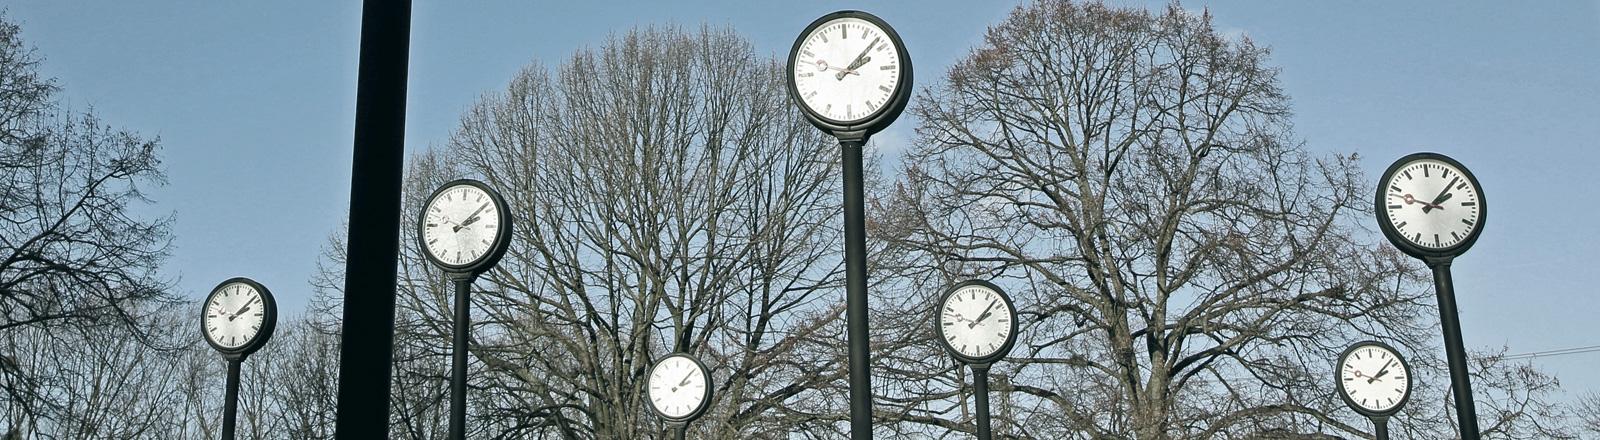 Fünf Uhren auf hohen Pfosten stehen nebeneinander, dahinter Bäume und blauer Himmel.